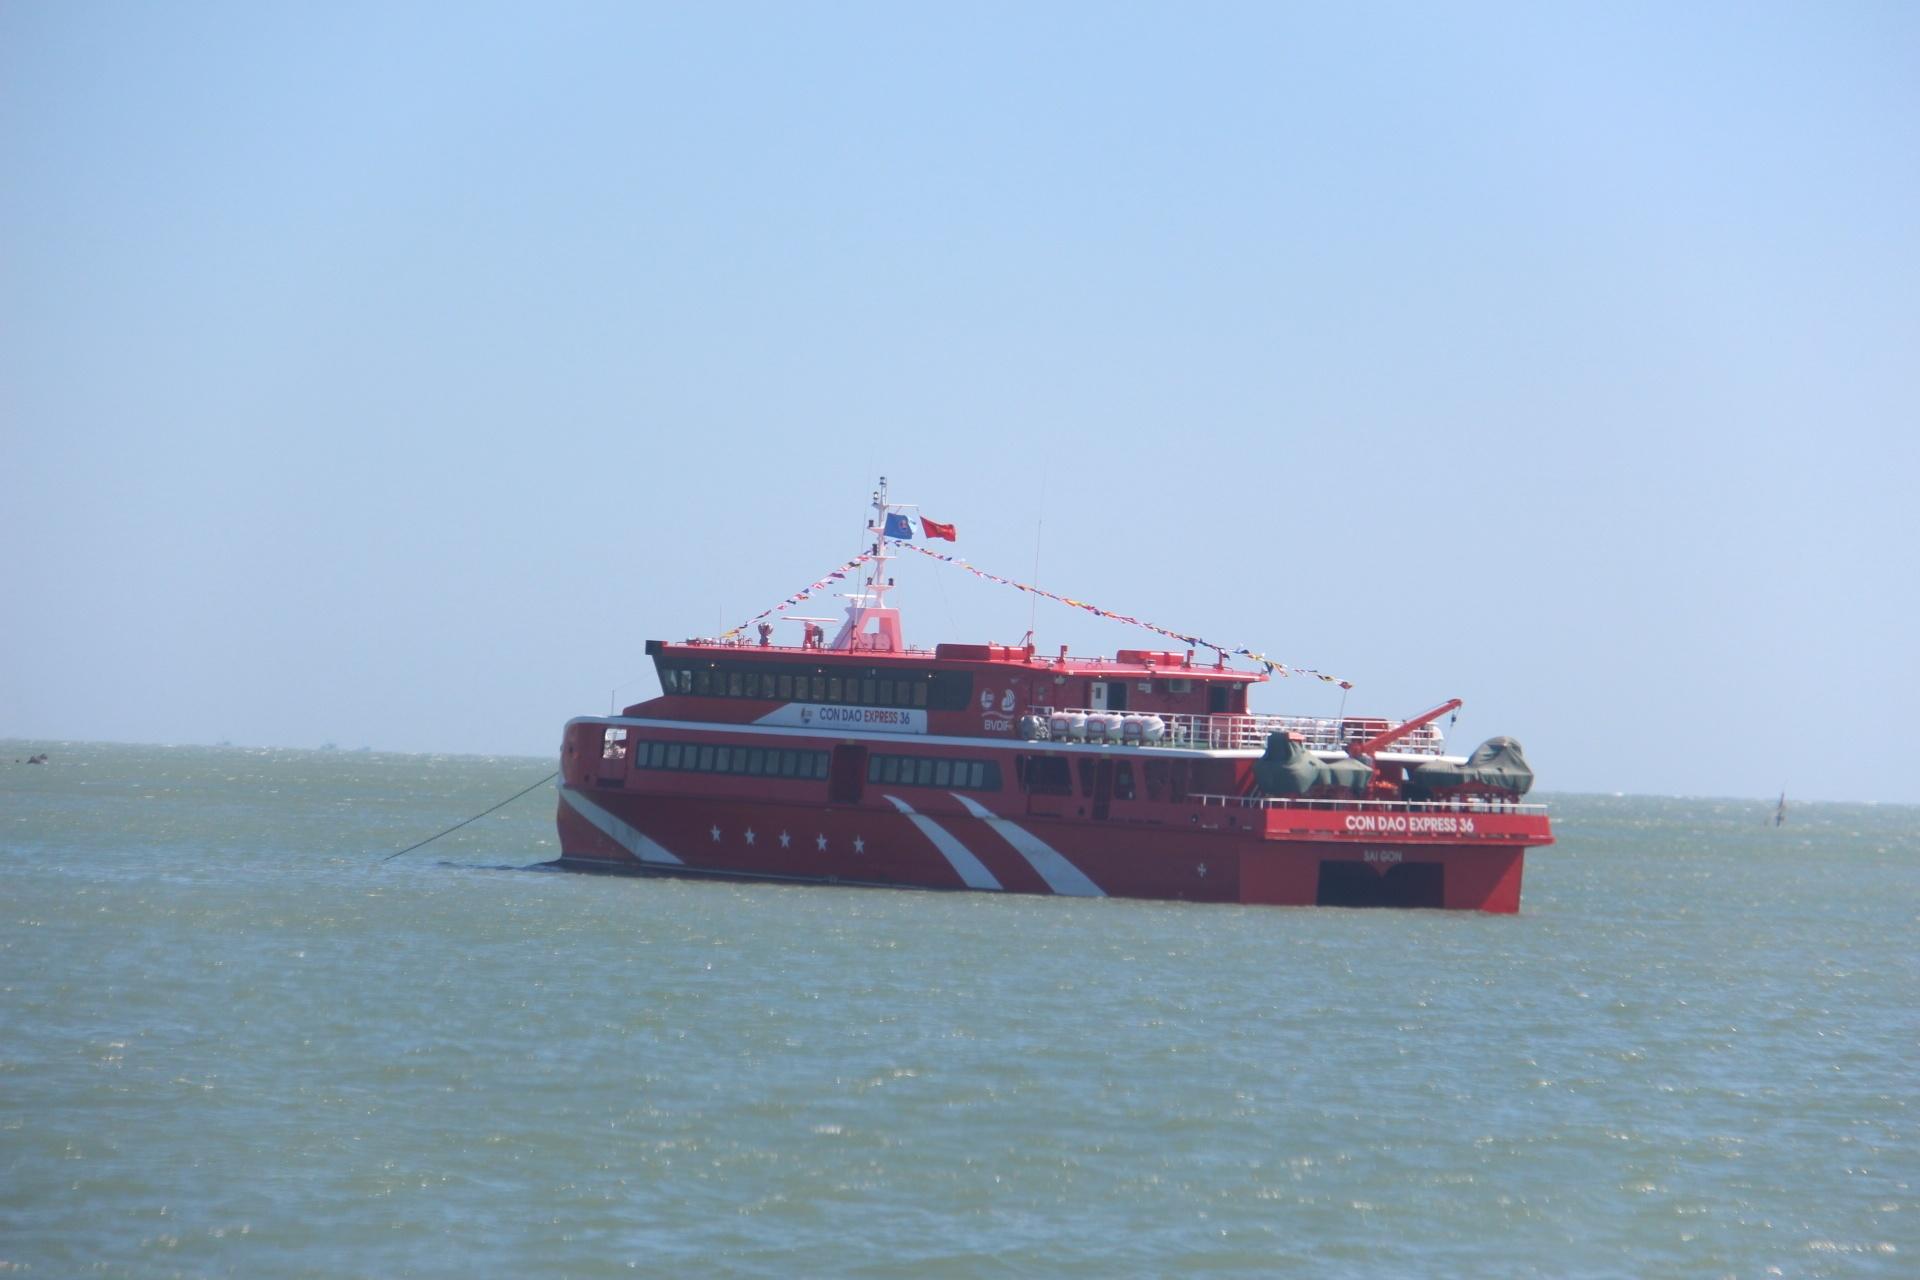 Bắt đầu khai thác tuyến tàu cao tốc Vũng Tàu - Côn Đảo Ảnh 8